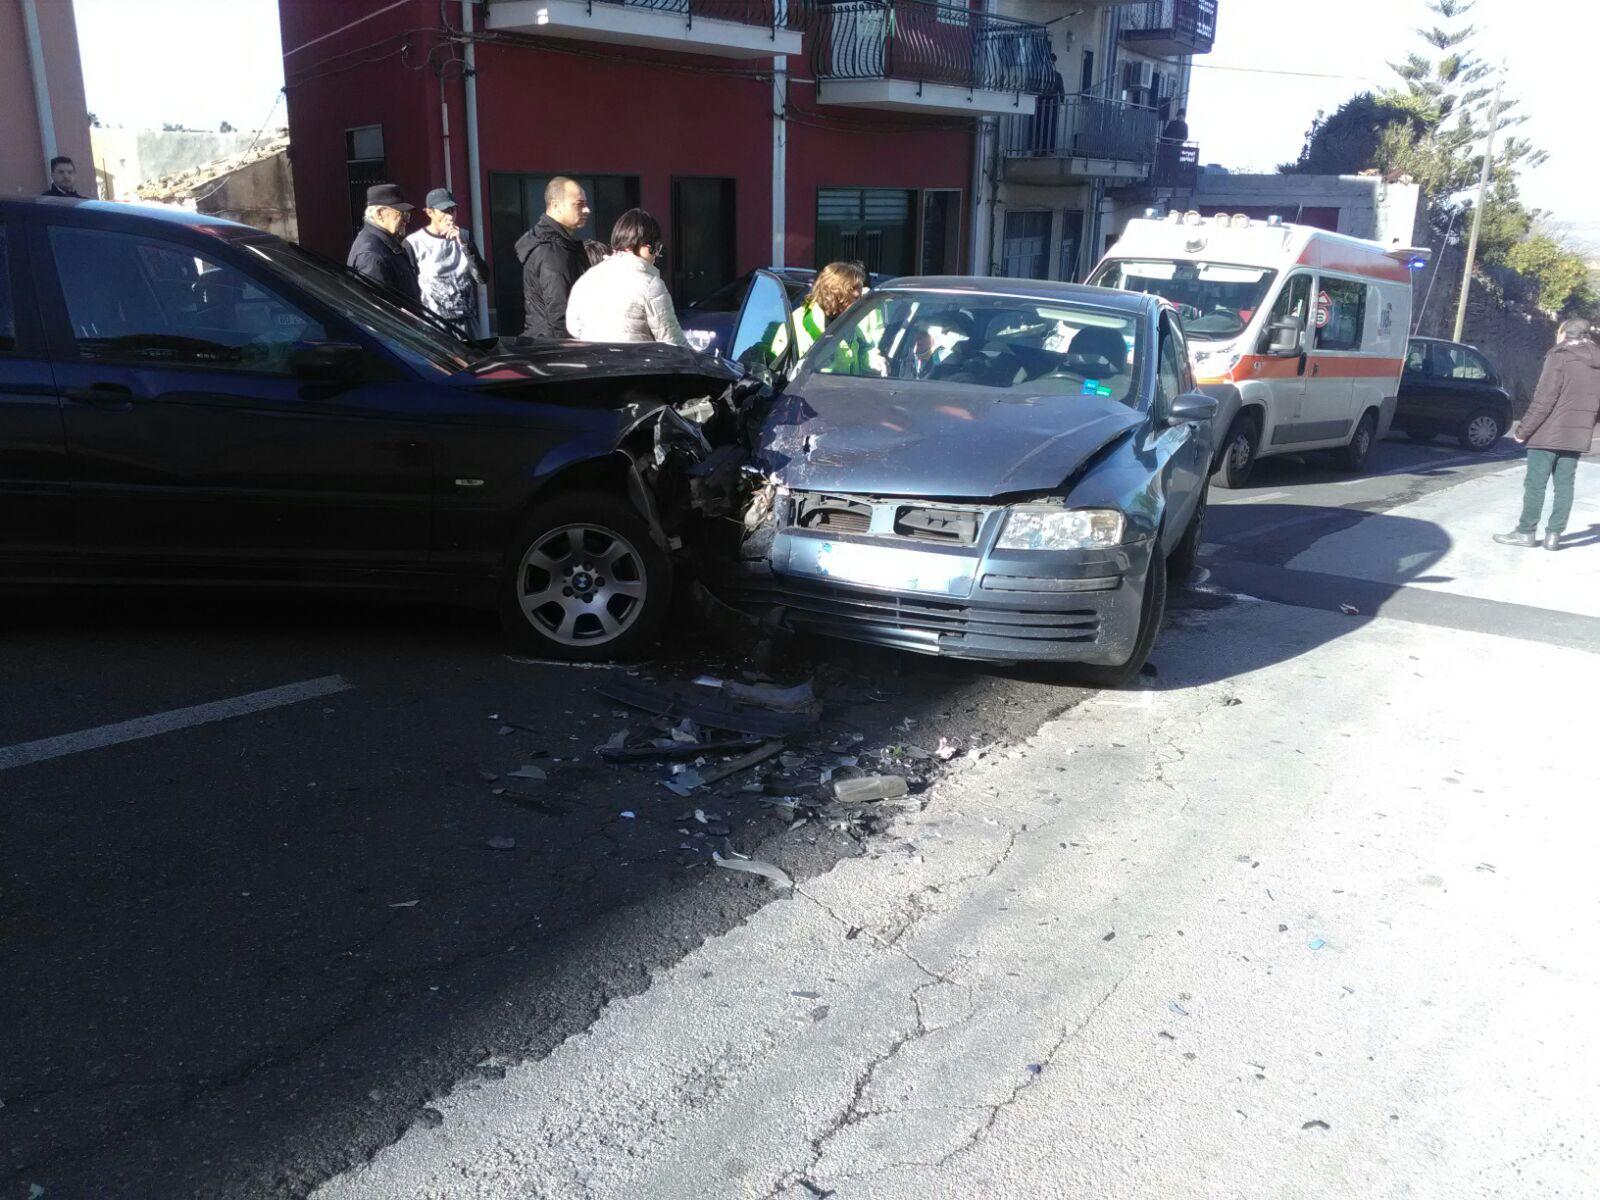 Carlentini, quattro feriti il bilancio di un incidente stradale nel centro urbano. I rilevi effettuati dai Carabinieri